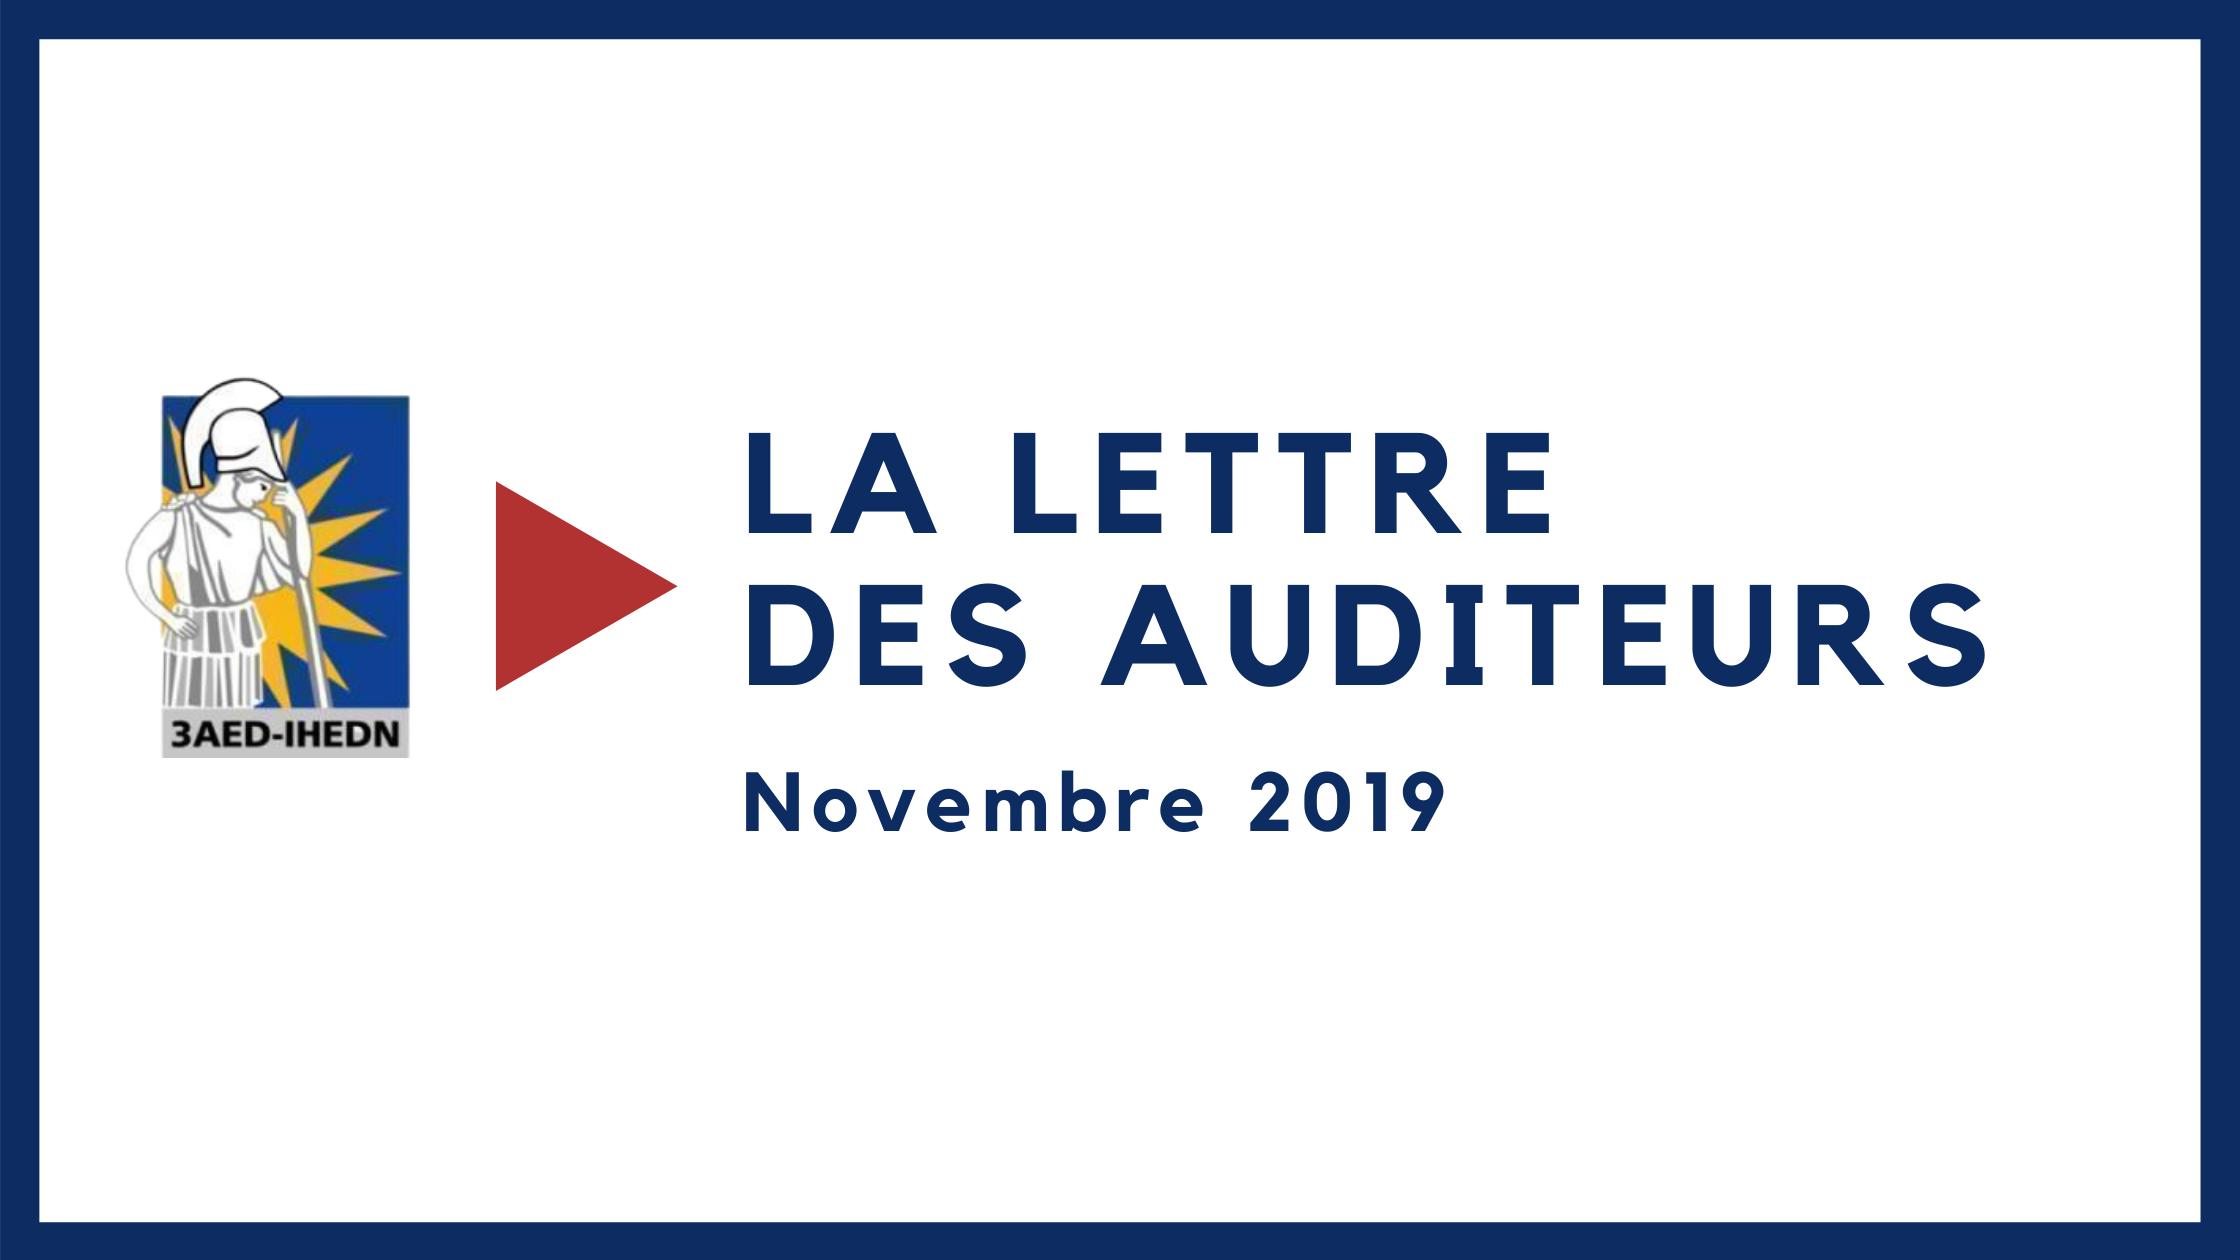 La lettre des auditeurs novembre 2019